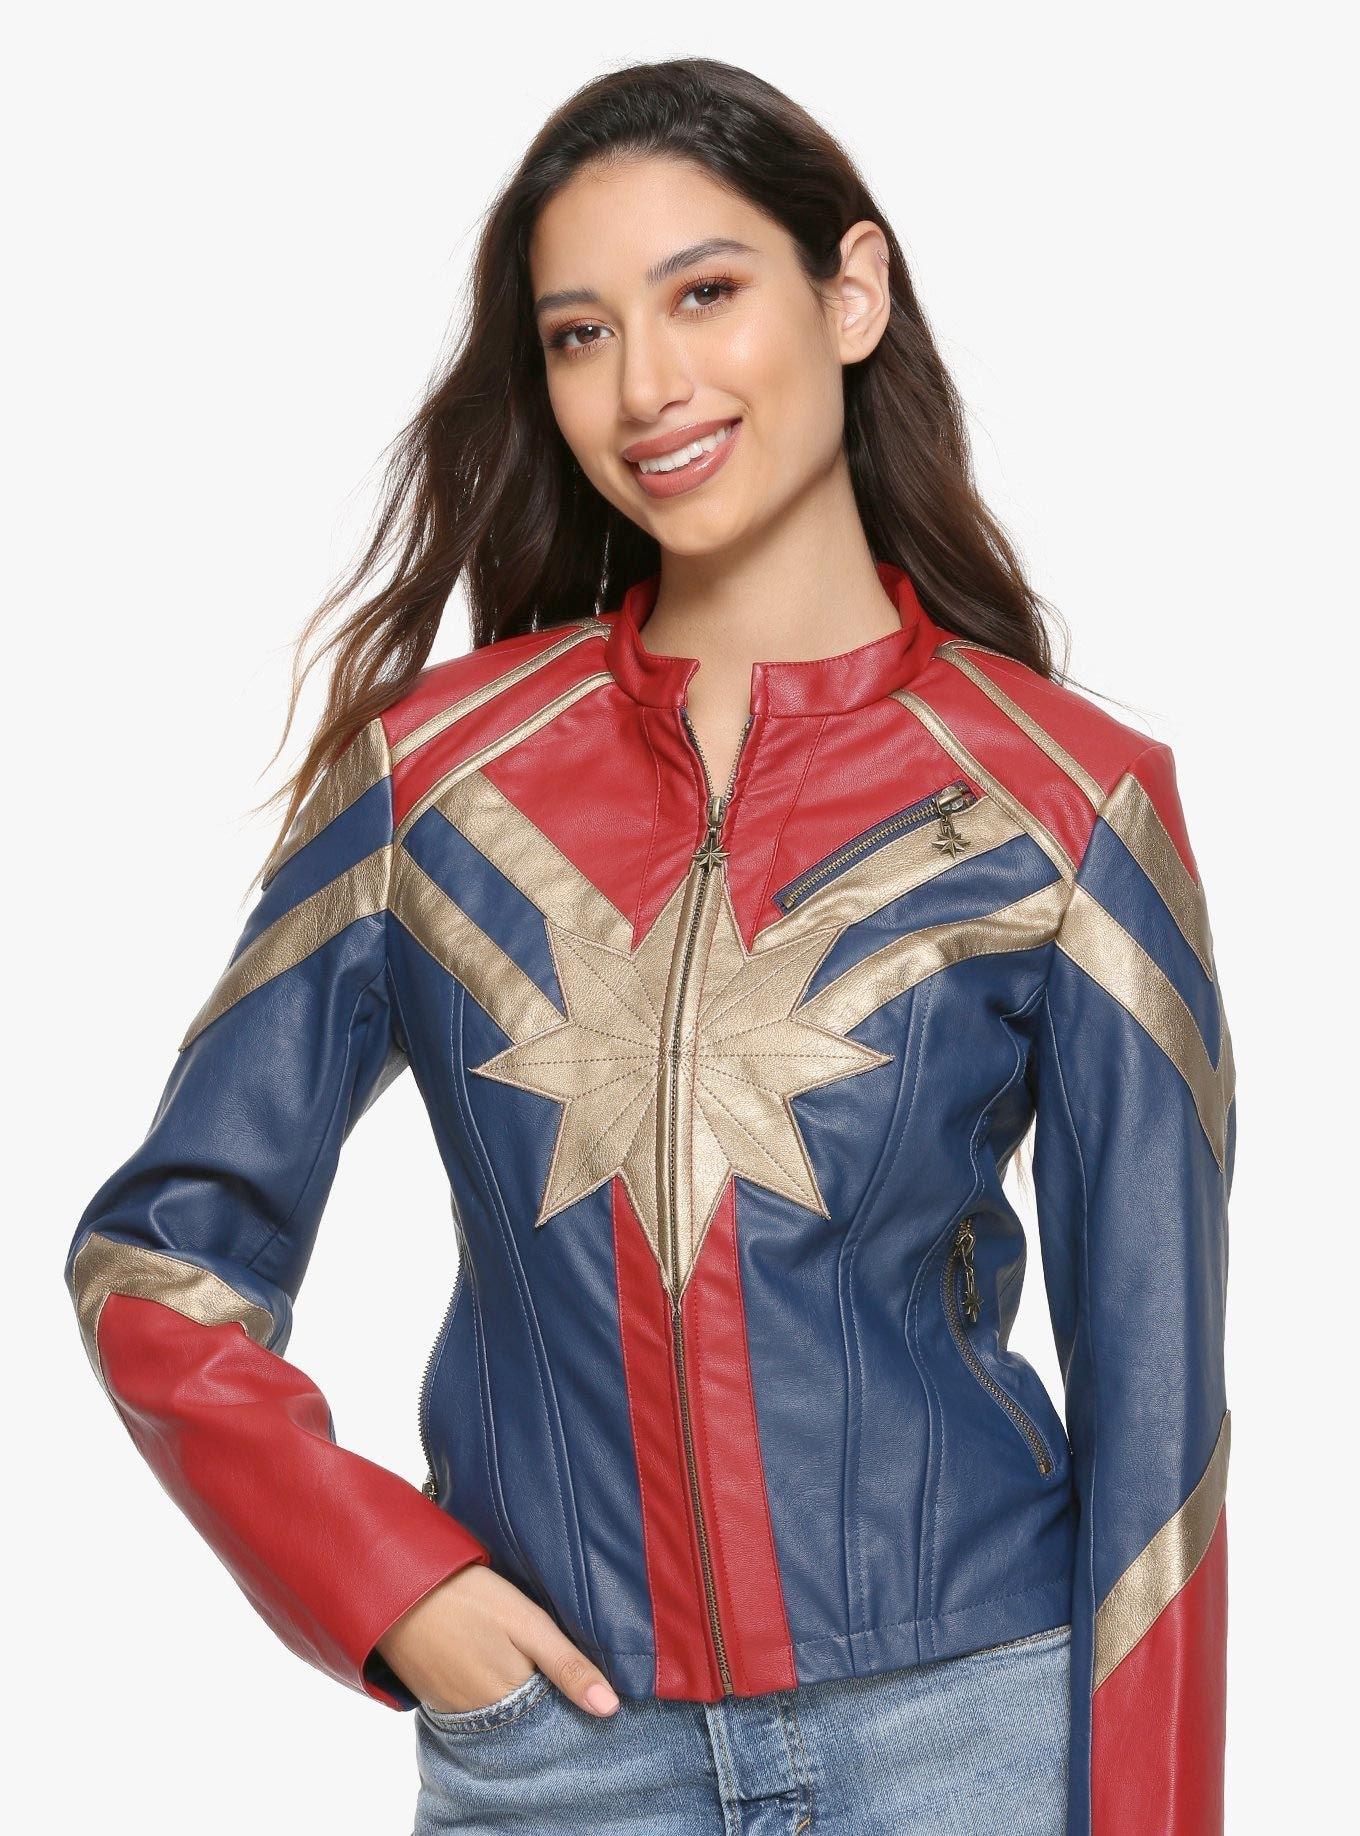 Captain Marvel Faux Leather Jacket : これさえ着れば、貴女もキャプテン・マーベル ! ! のフェイク・レザー・ジャケットは、79.90ドル(8,850円)で発売中 ! !